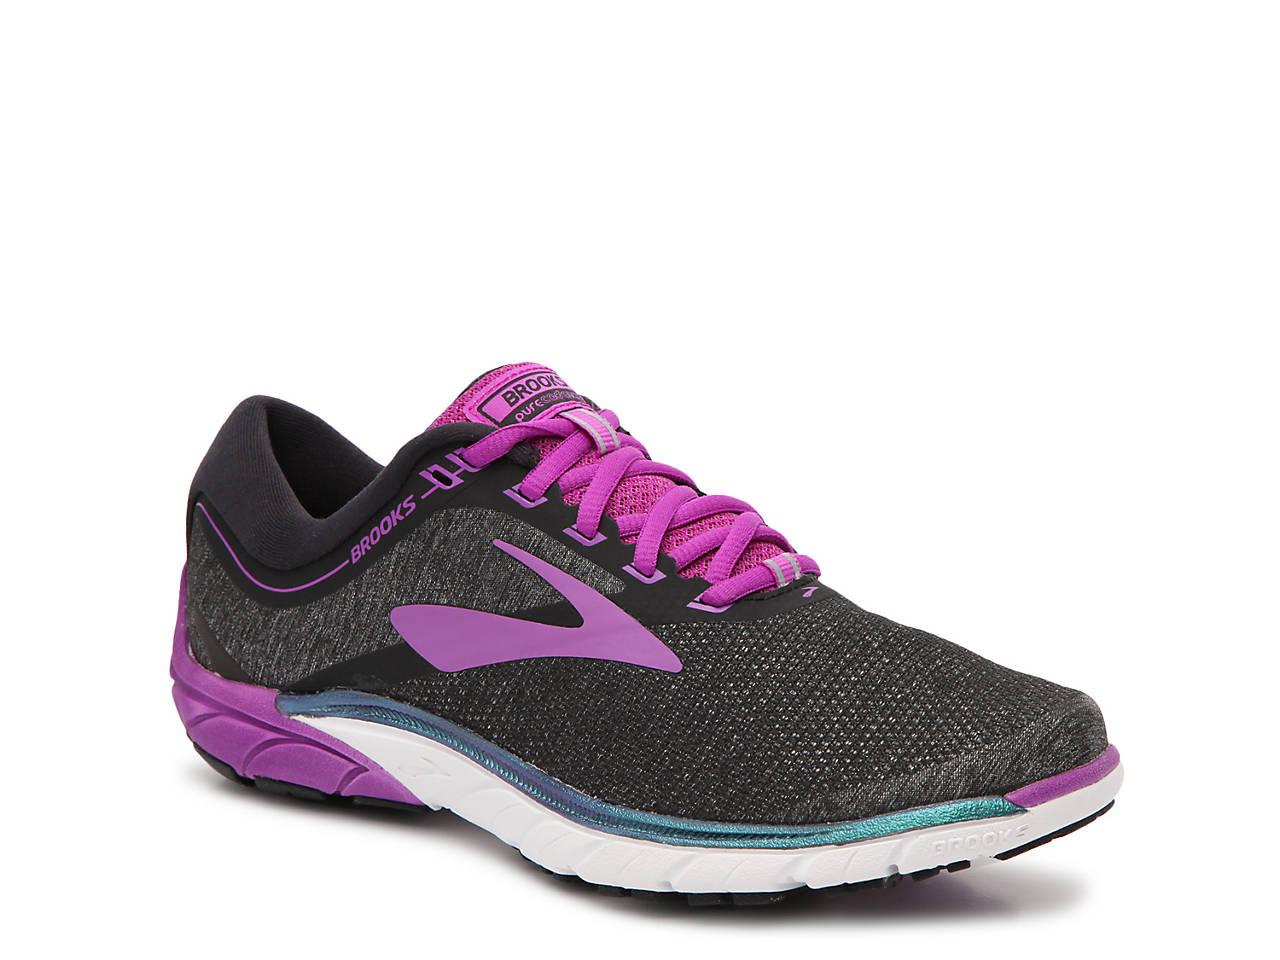 c2d772919a2d1 Brooks Pure Cadence 7 Lightweight Running Shoe - Women s Women s ...